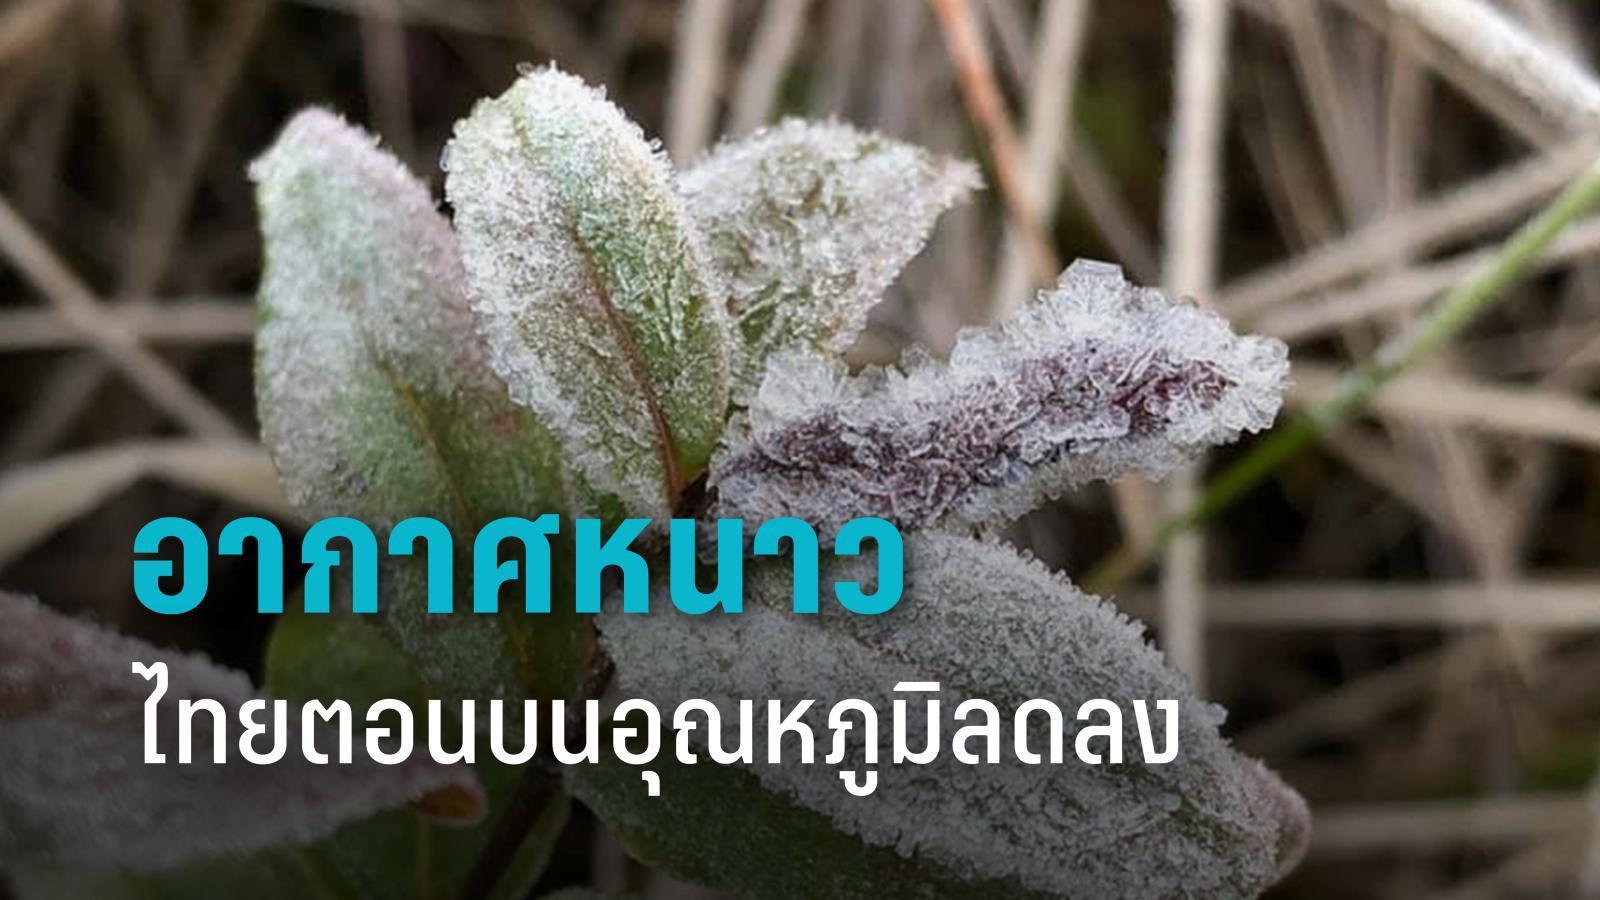 อีสานหนาว กทม.เย็นลง 1-3 องศา ใต้อ่วมคลื่นสูง 4 ม.